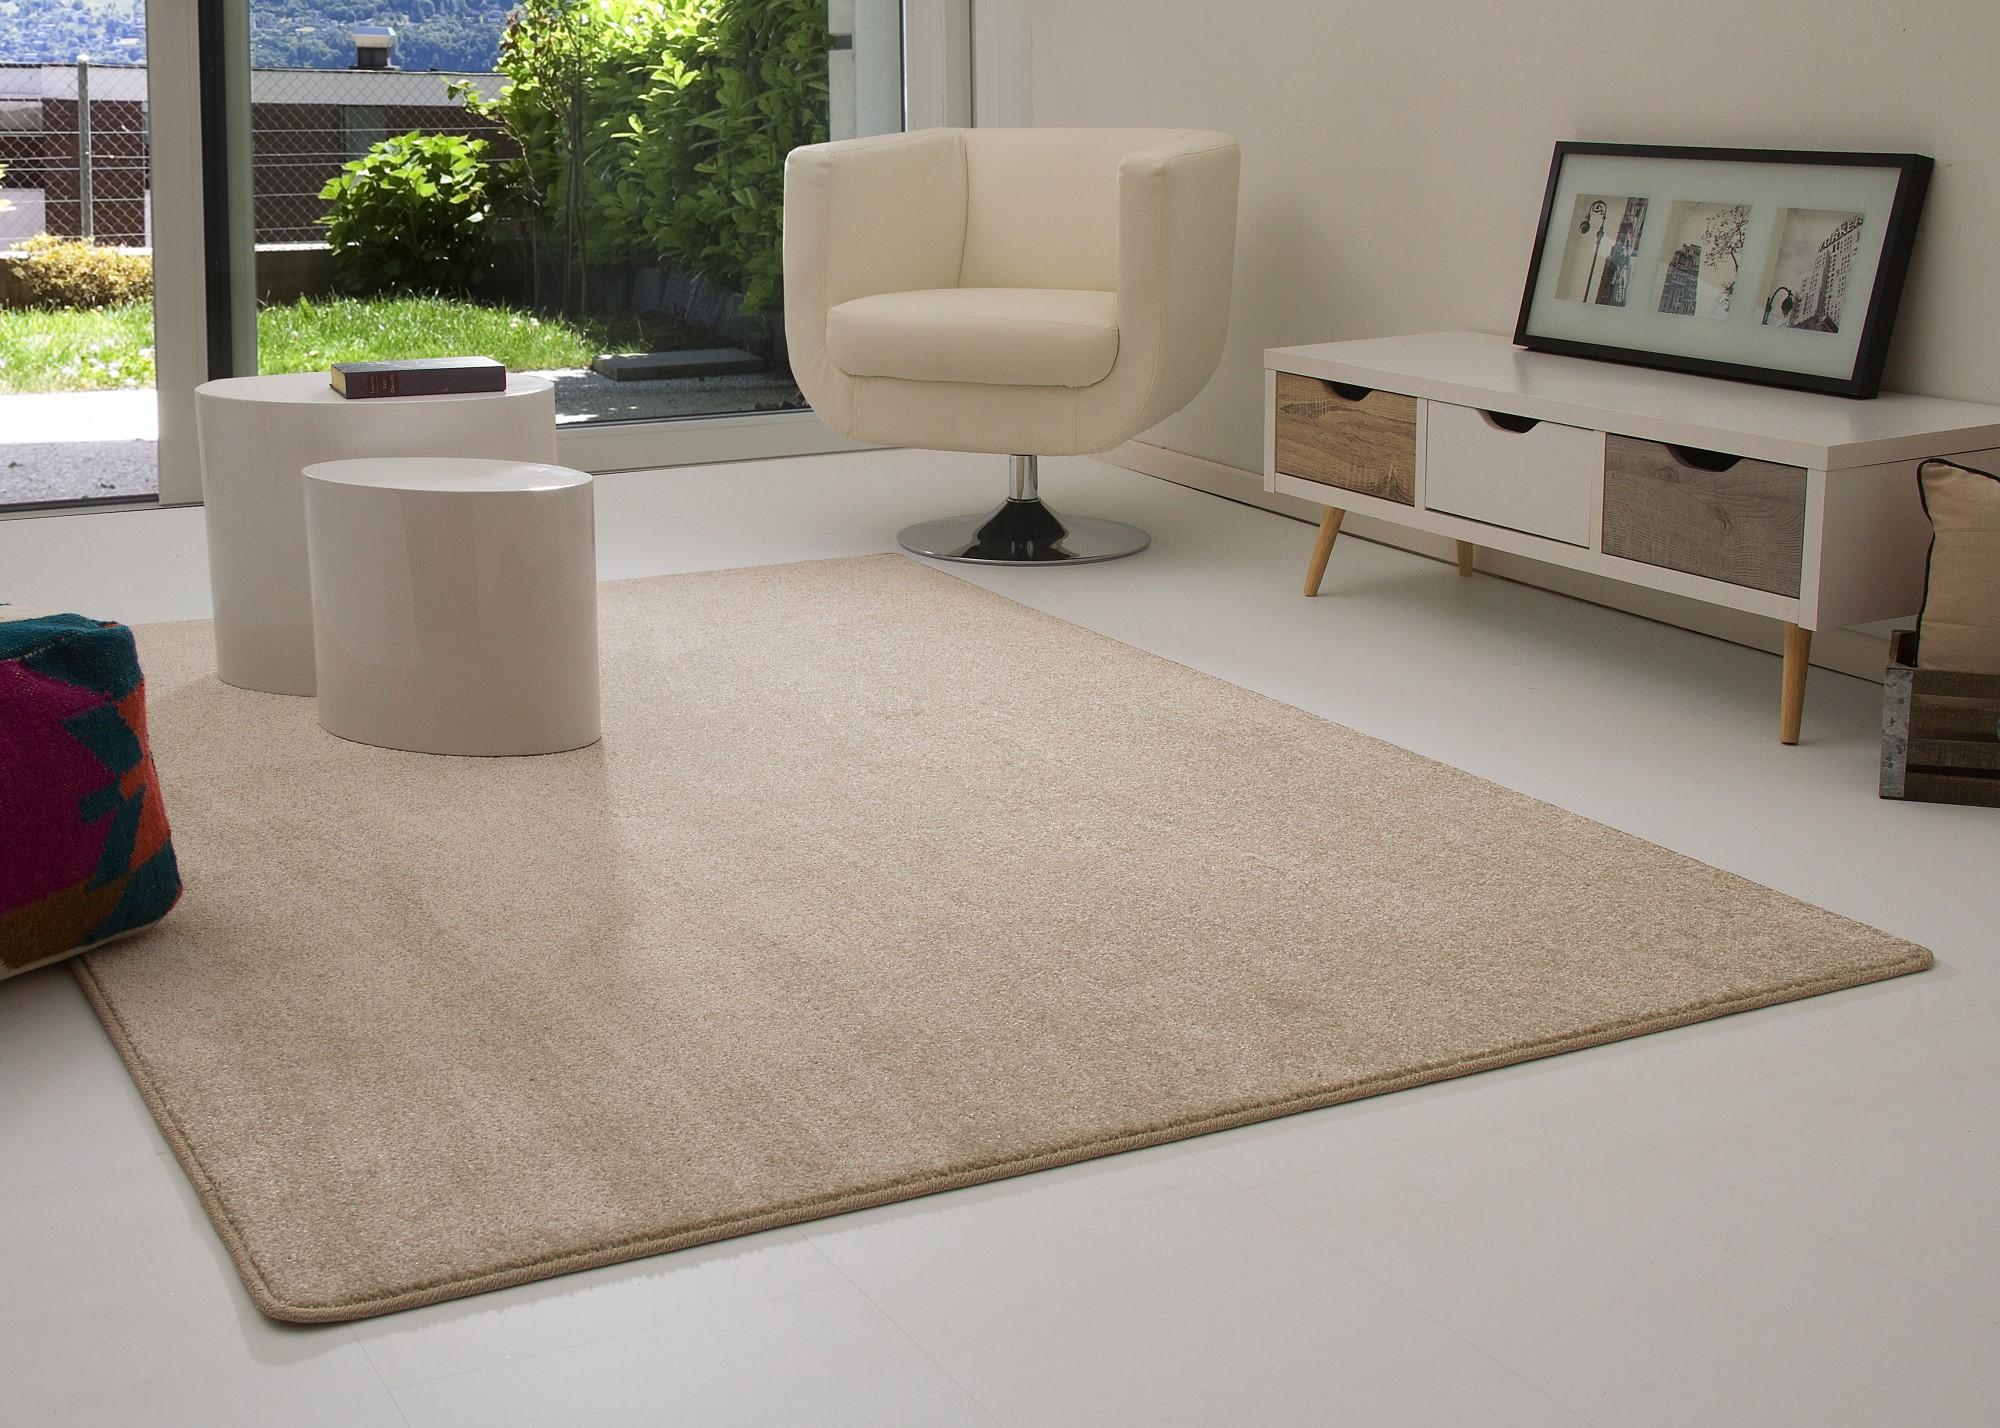 Designer teppich modern margate wohnzimmer grau beige ebay - Wohnzimmer beige ...